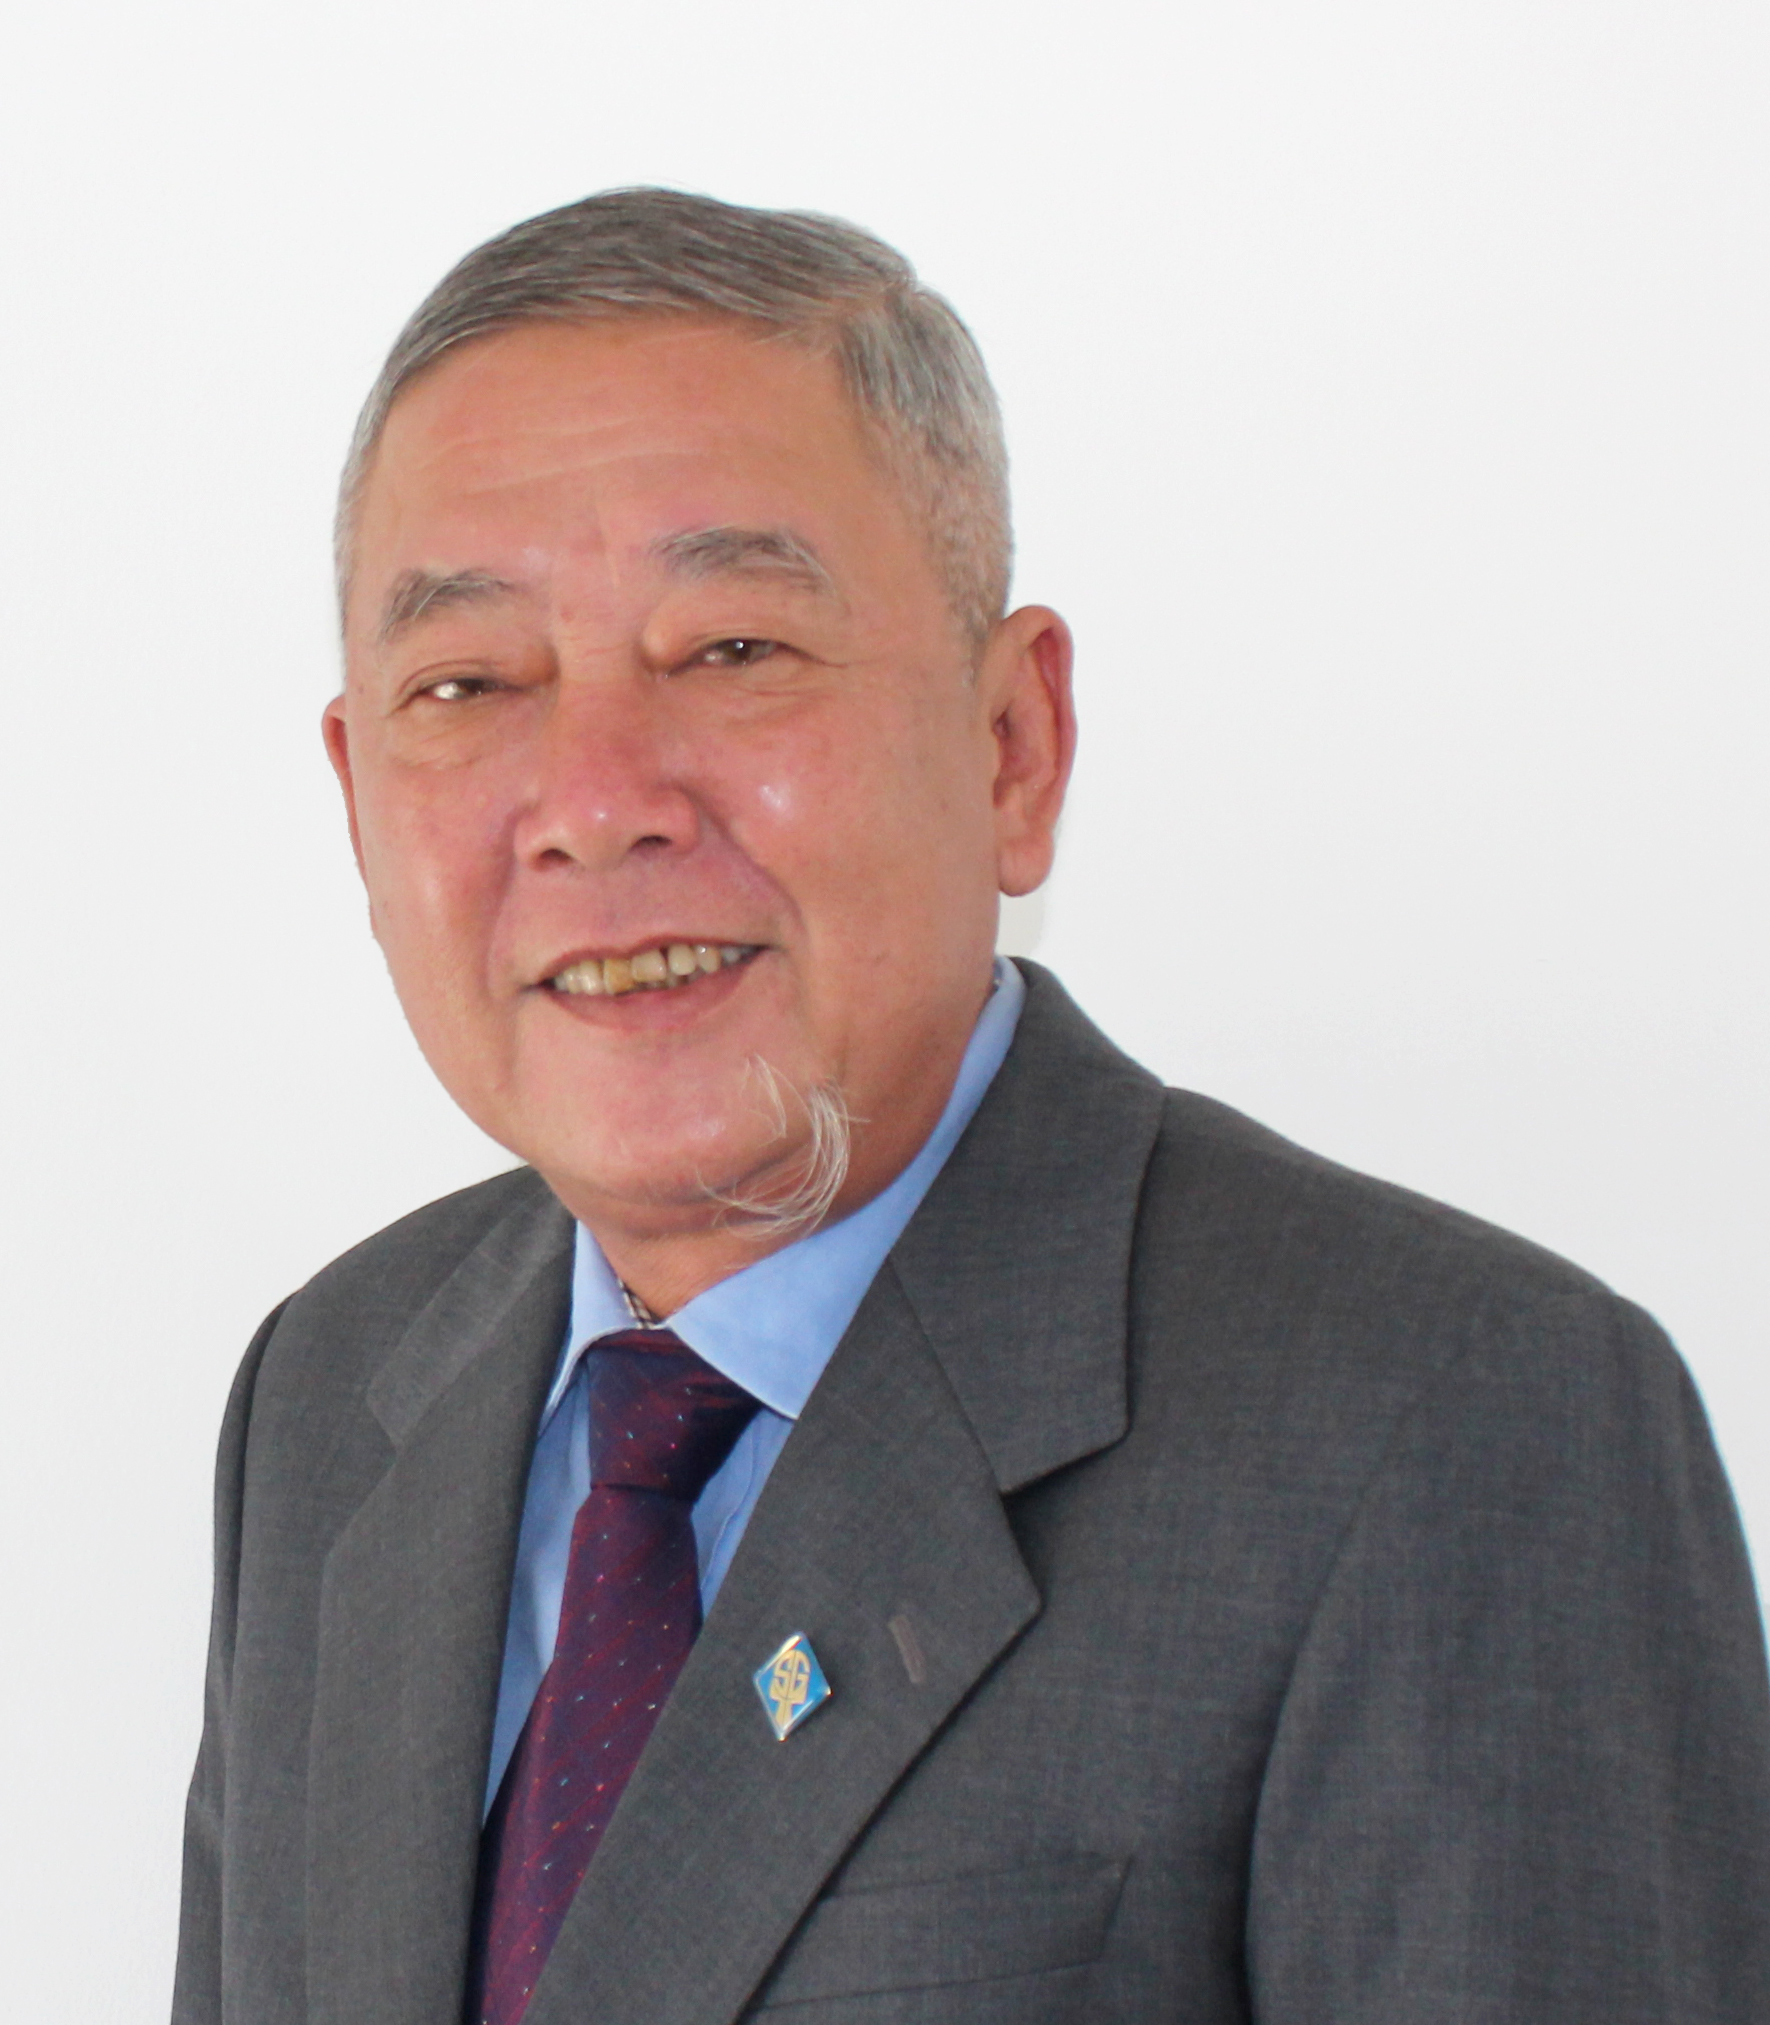 Le Minh Trung